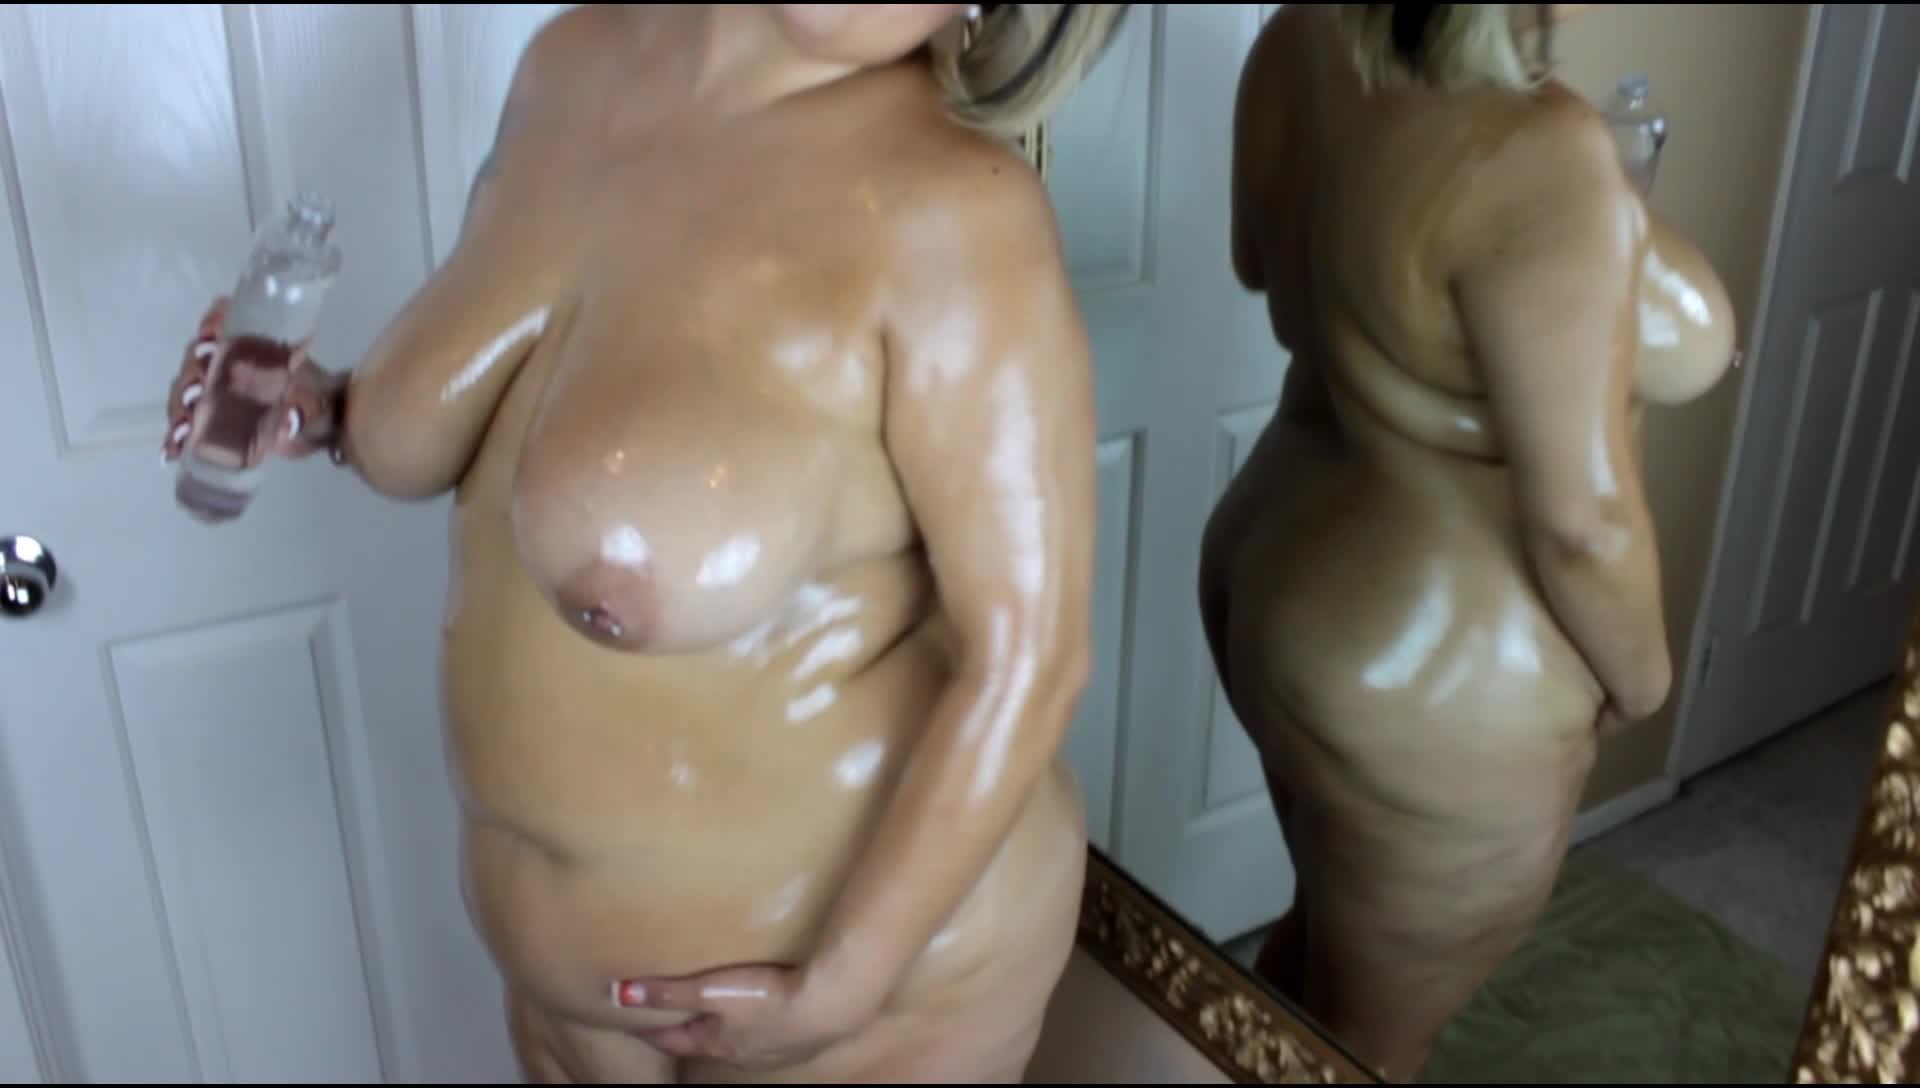 Massive cock sex videos